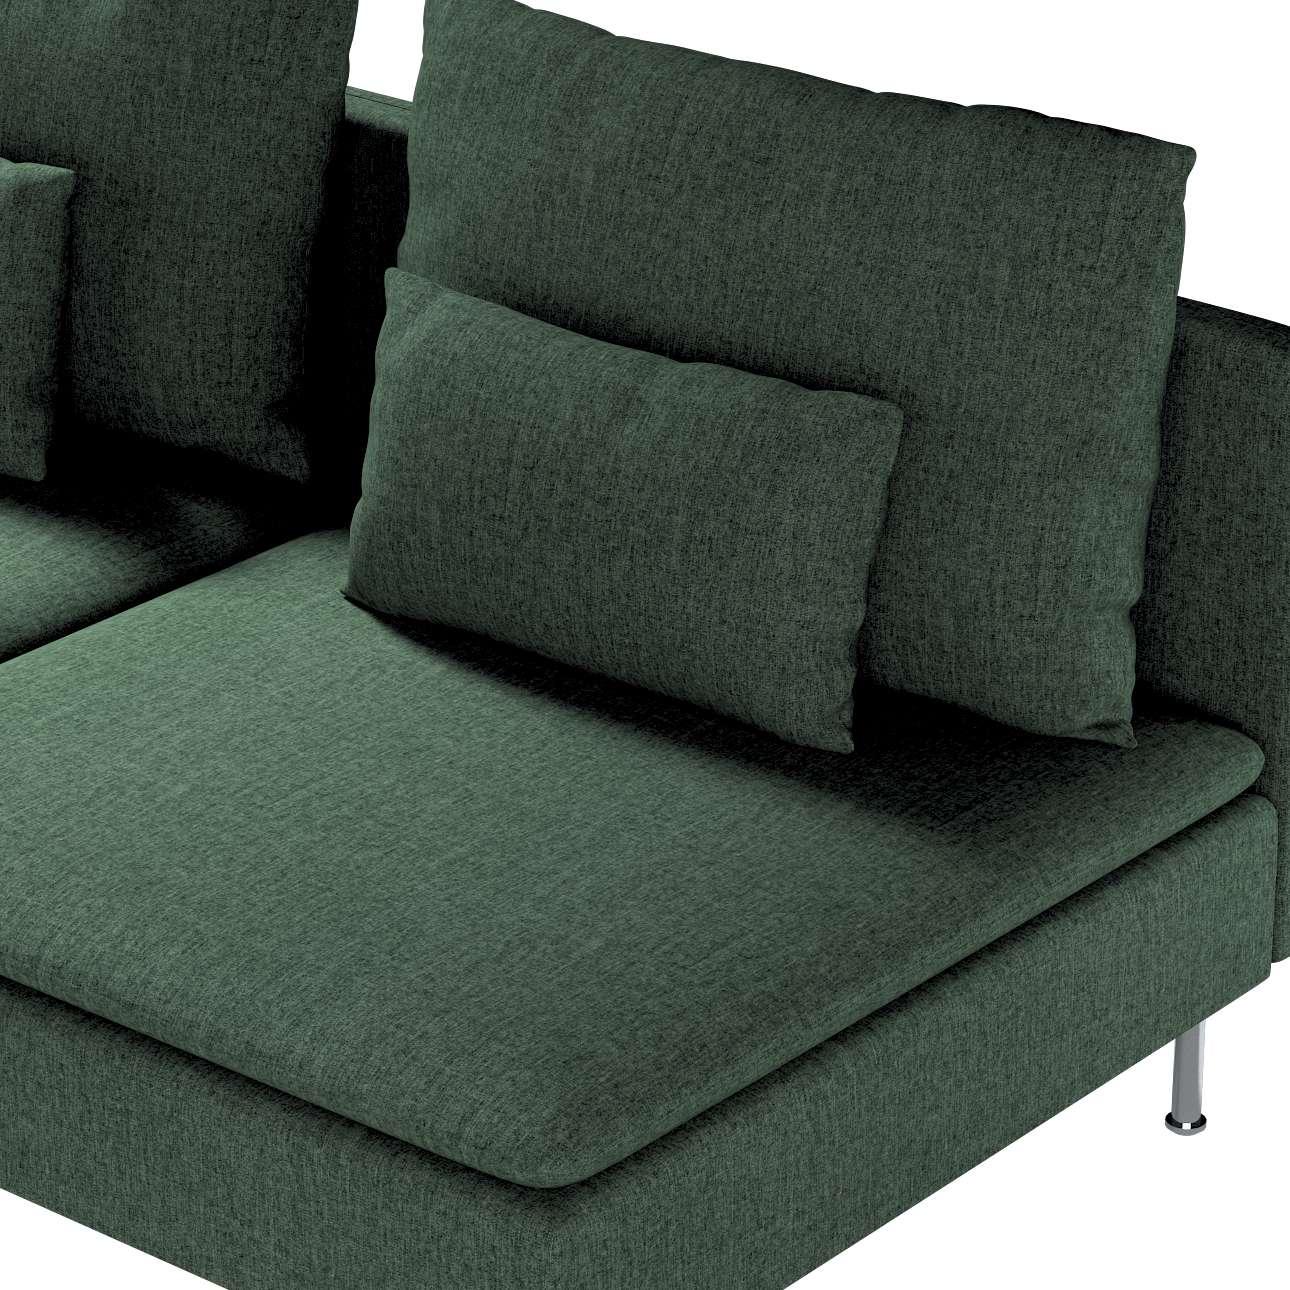 Bezug für Söderhamn Sitzelement 3 von der Kollektion City, Stoff: 704-81